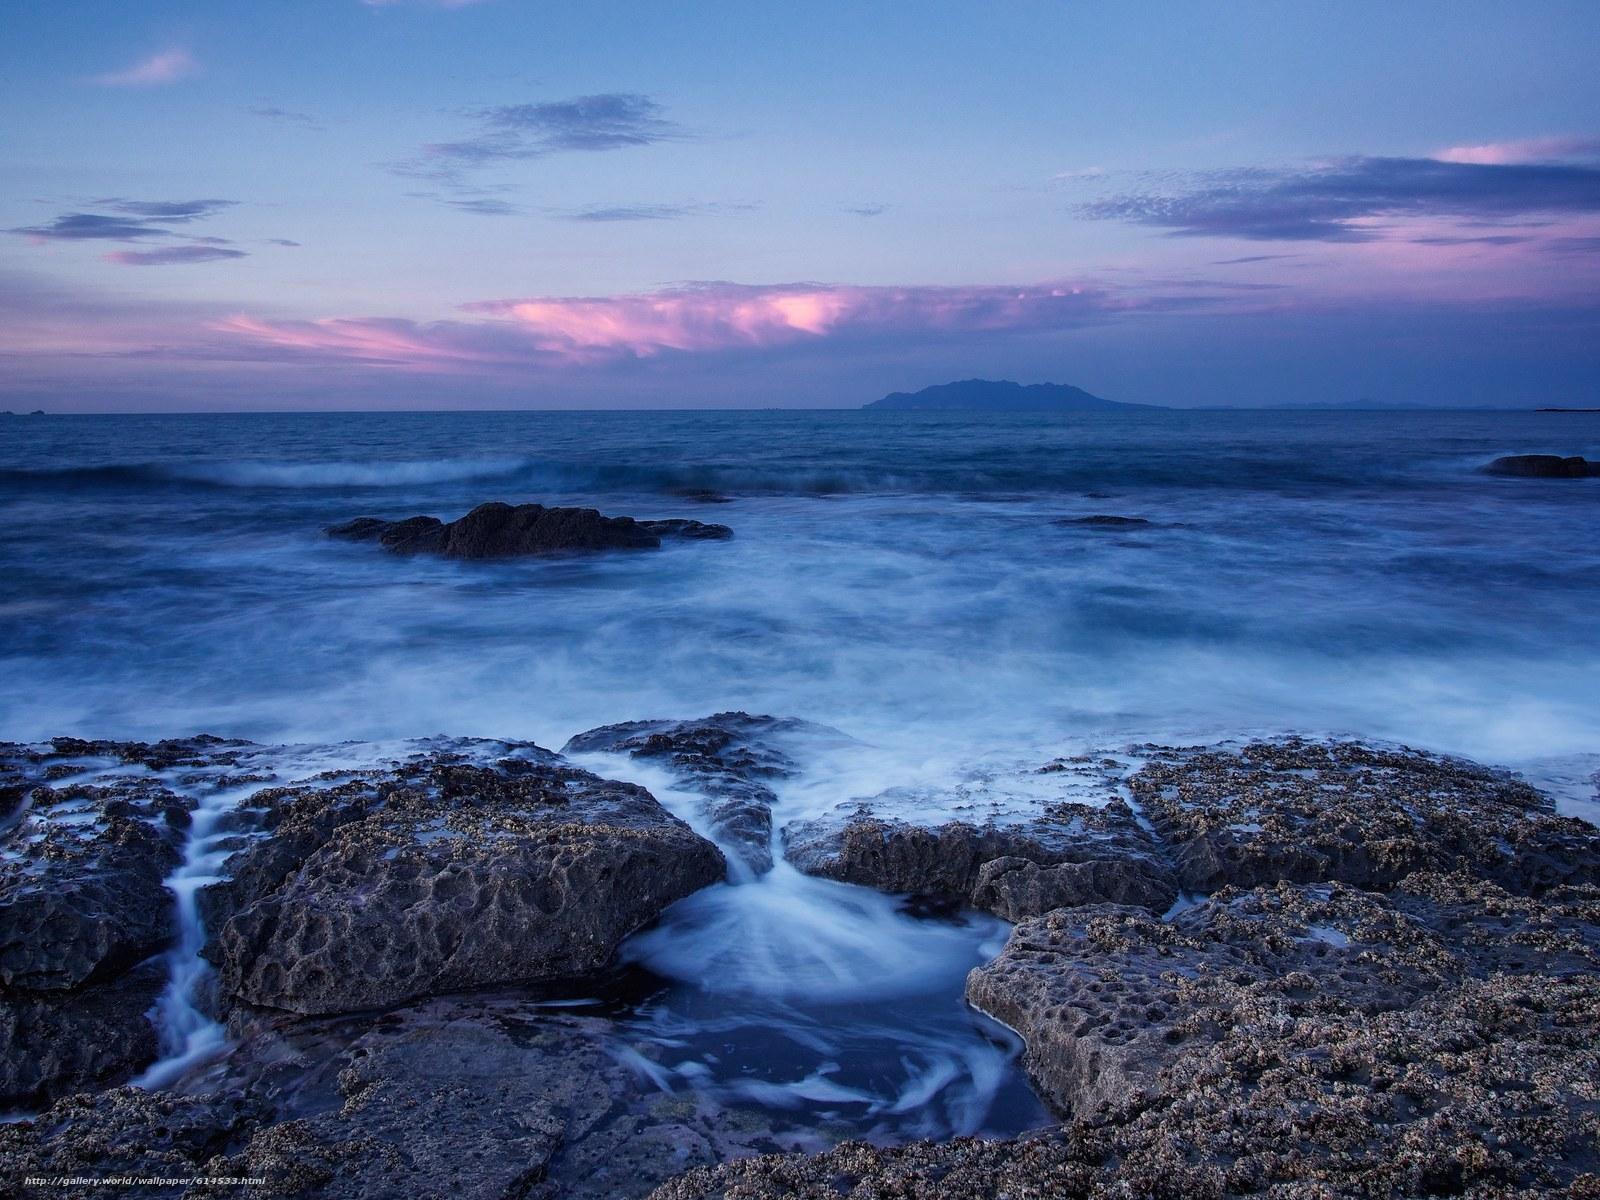 Tlcharger Fond d'ecran coucher du soleil,  mer,  Rocks,  paysage Fonds d'ecran gratuits pour votre rsolution du bureau 2304x1728 — image №614533